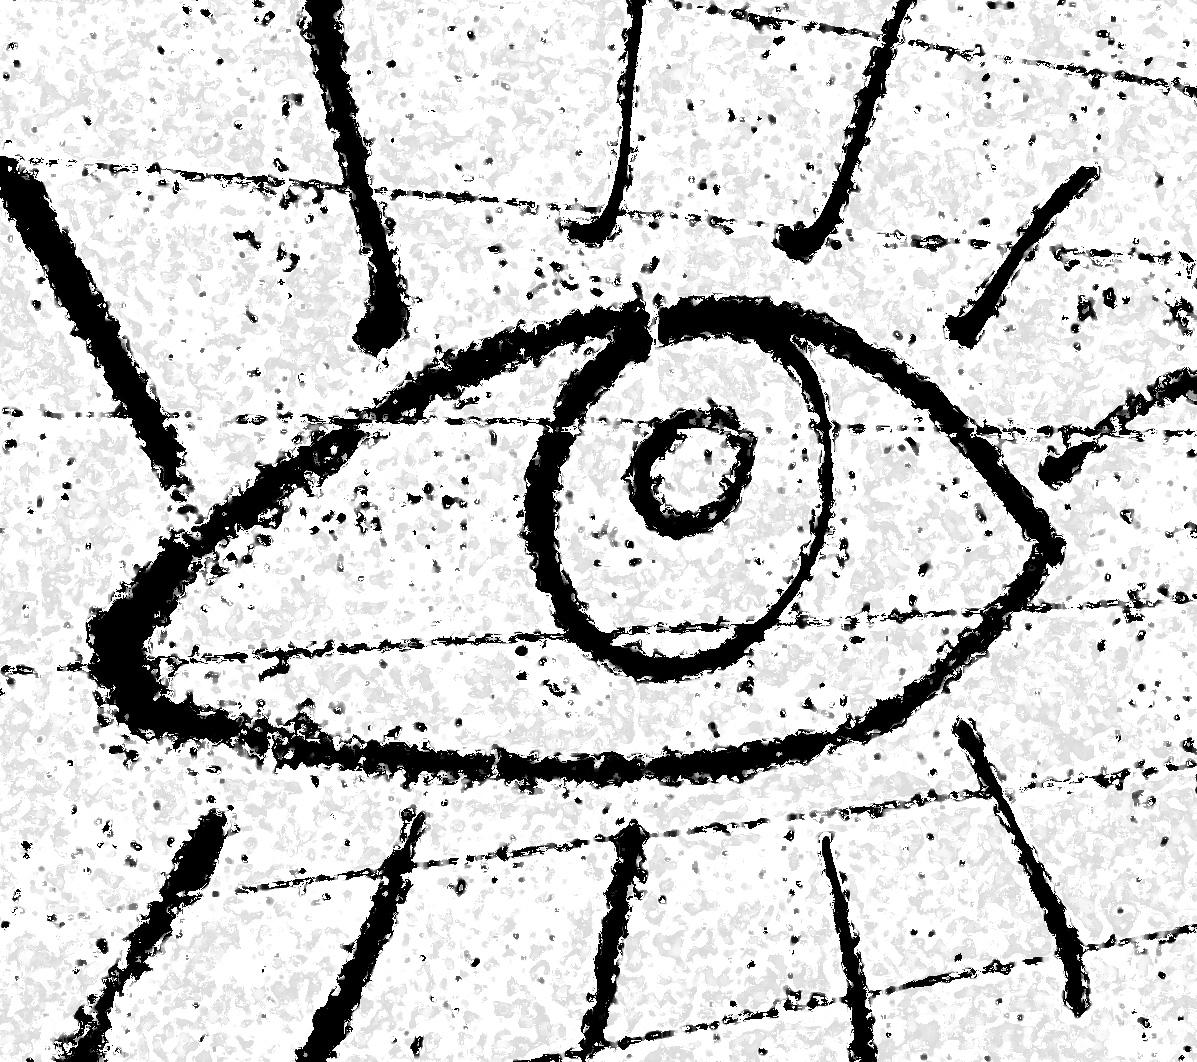 Datei:Eye.jpg